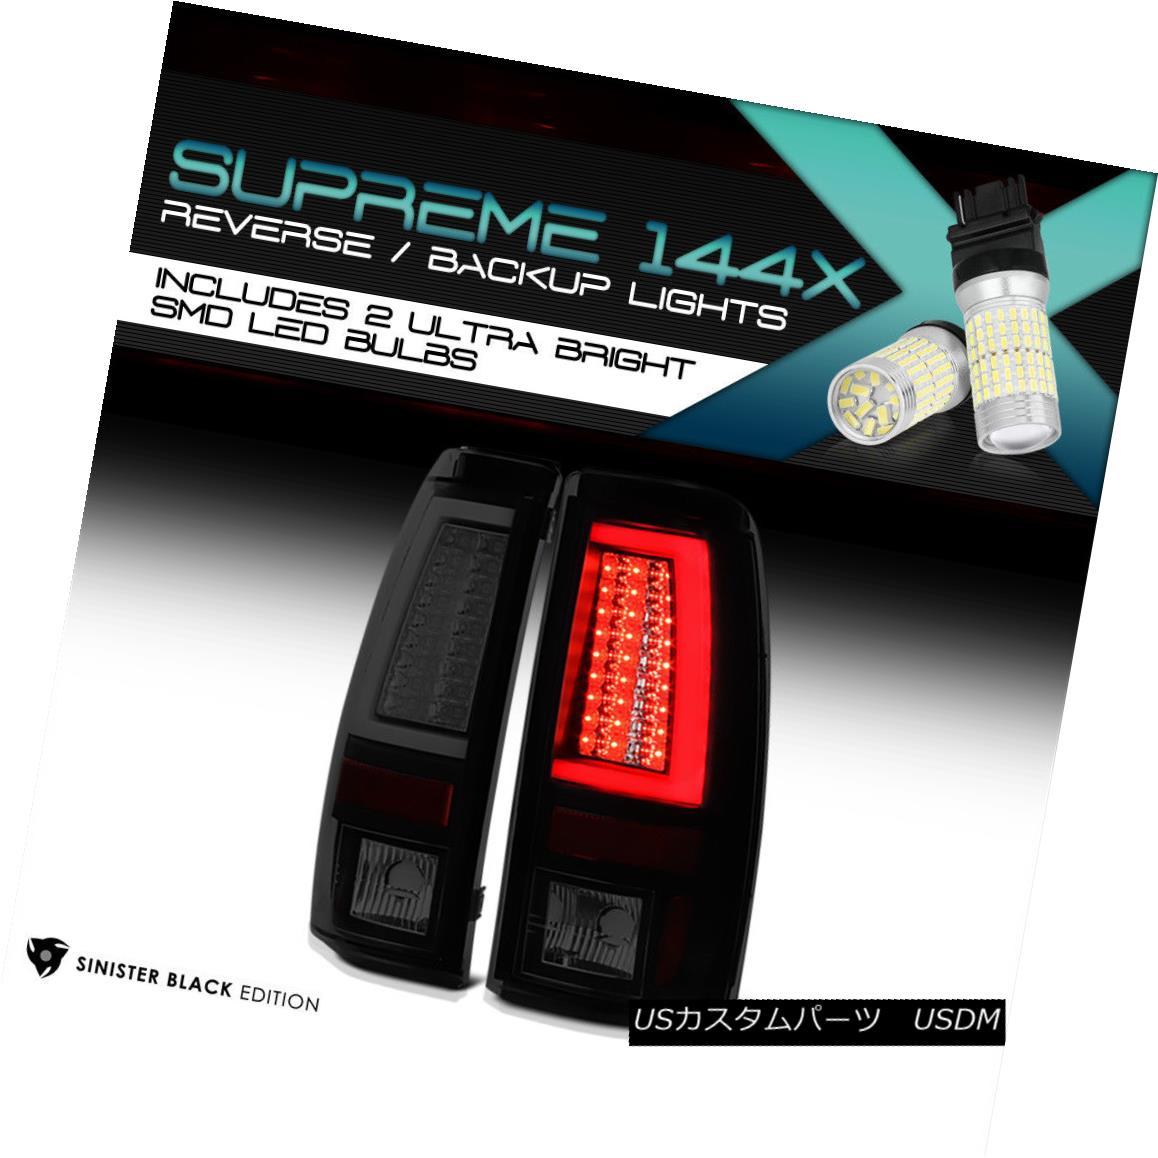 テールライト [360 Degree SMD Backup] [SINISTER BLACK] 2003-2006 Silverado LED Neon Tail Light [360度SMDバックアップ] [SINISTER BLACK] 2003-2006 Silverado LEDネオンテールライト